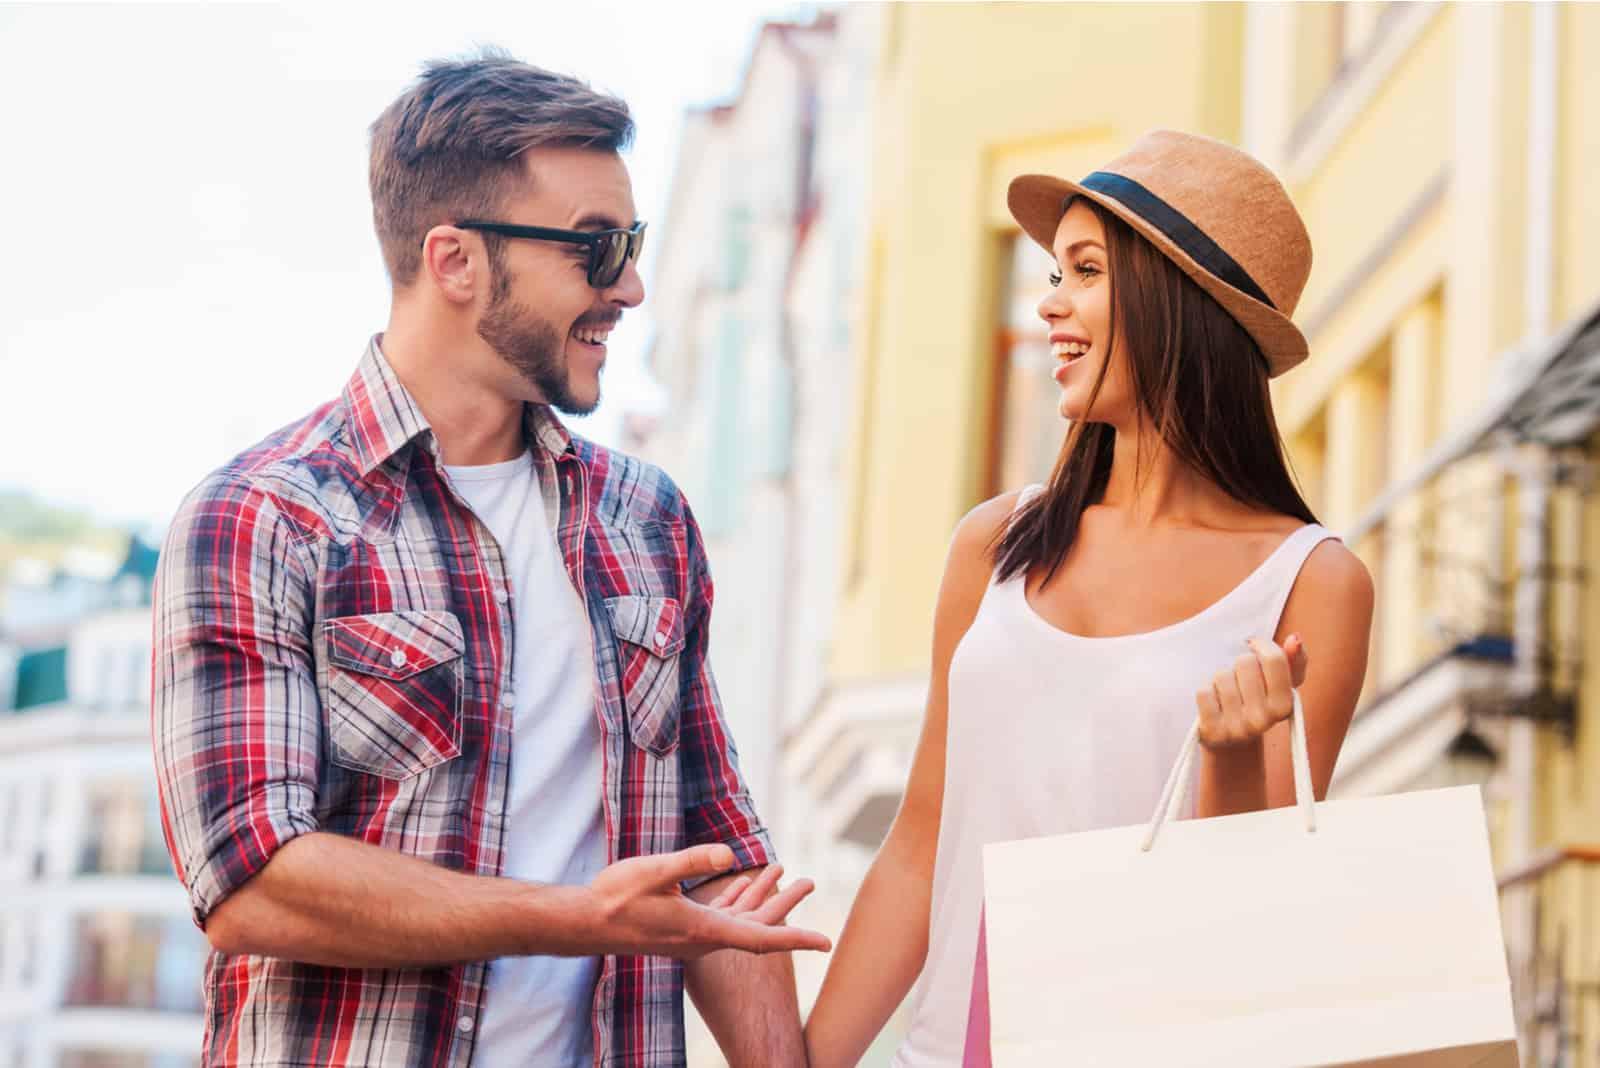 l'homme et la femme se tiennent la main et rient